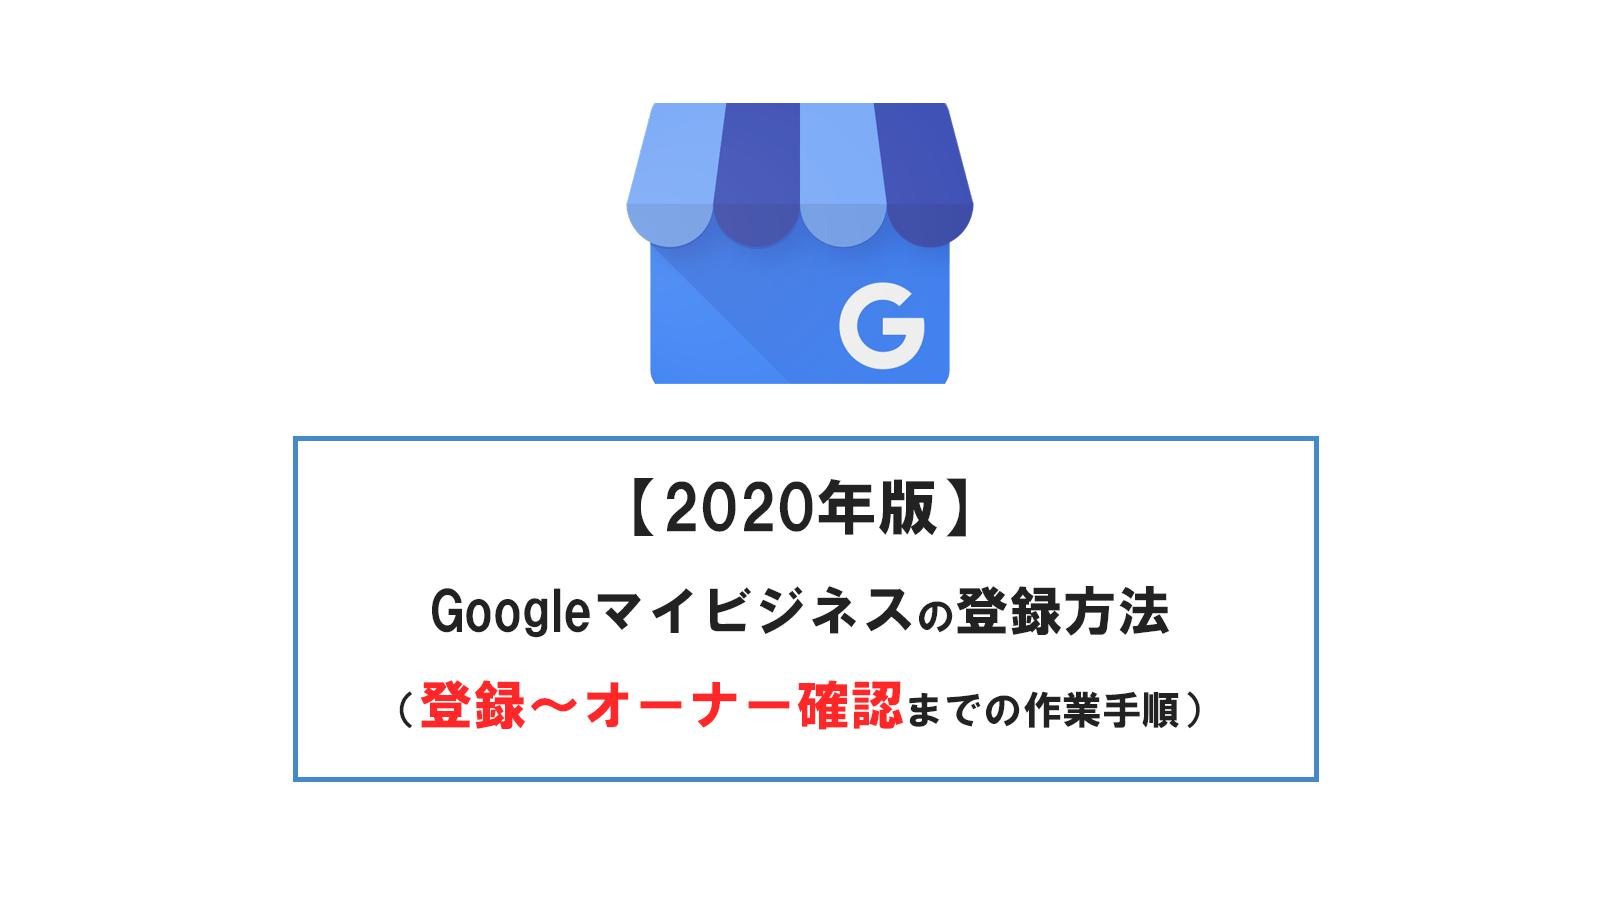 【2020年版】Googleマイビジネスの登録方法(登録~オーナー確認までの作業手順)